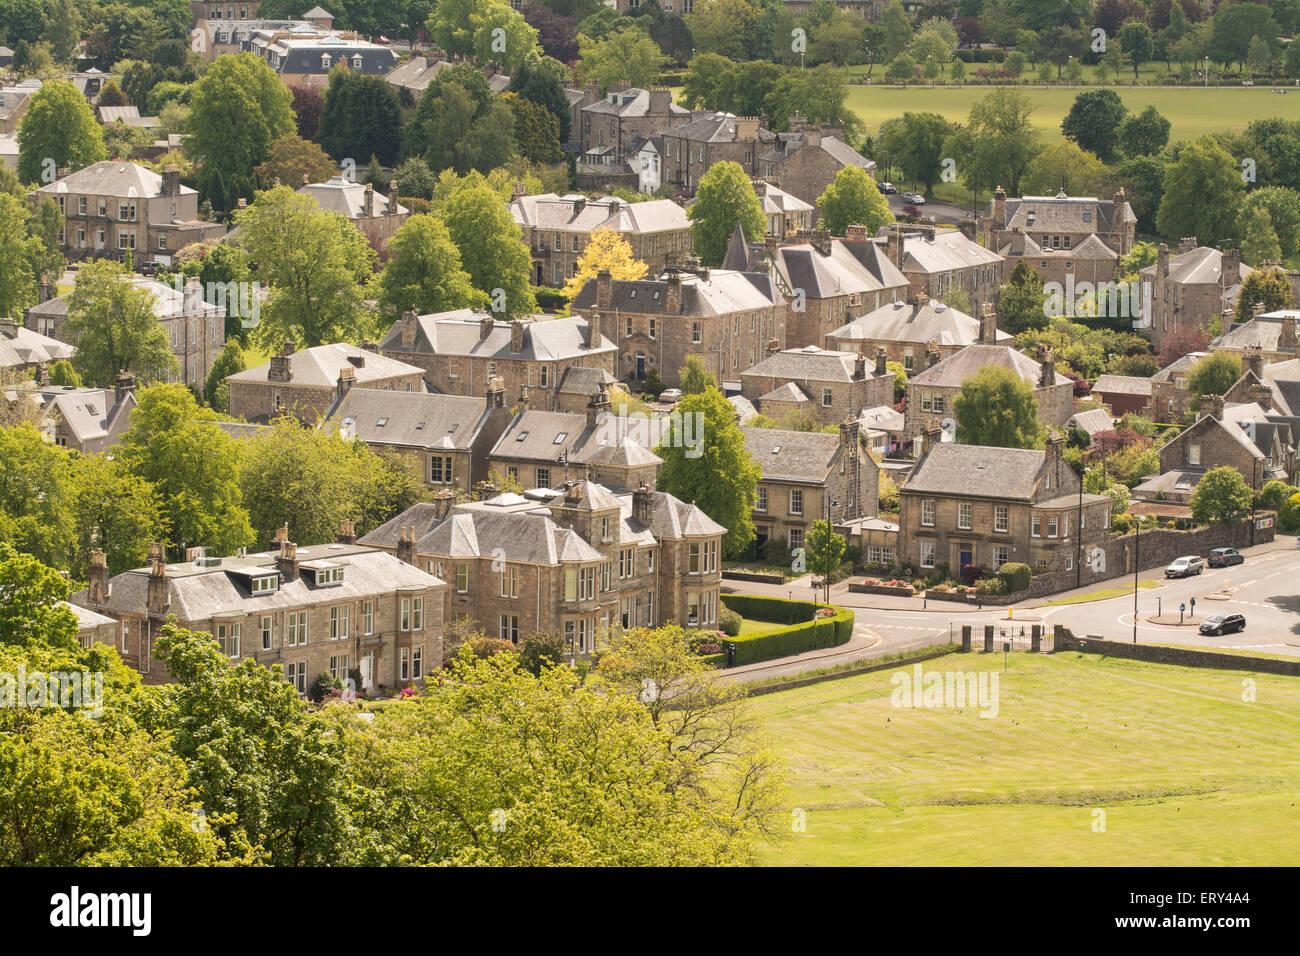 Viktorianischen und edwardianischen Häuser in des Königs Park Gegend von Stirling, Schottland Stockbild